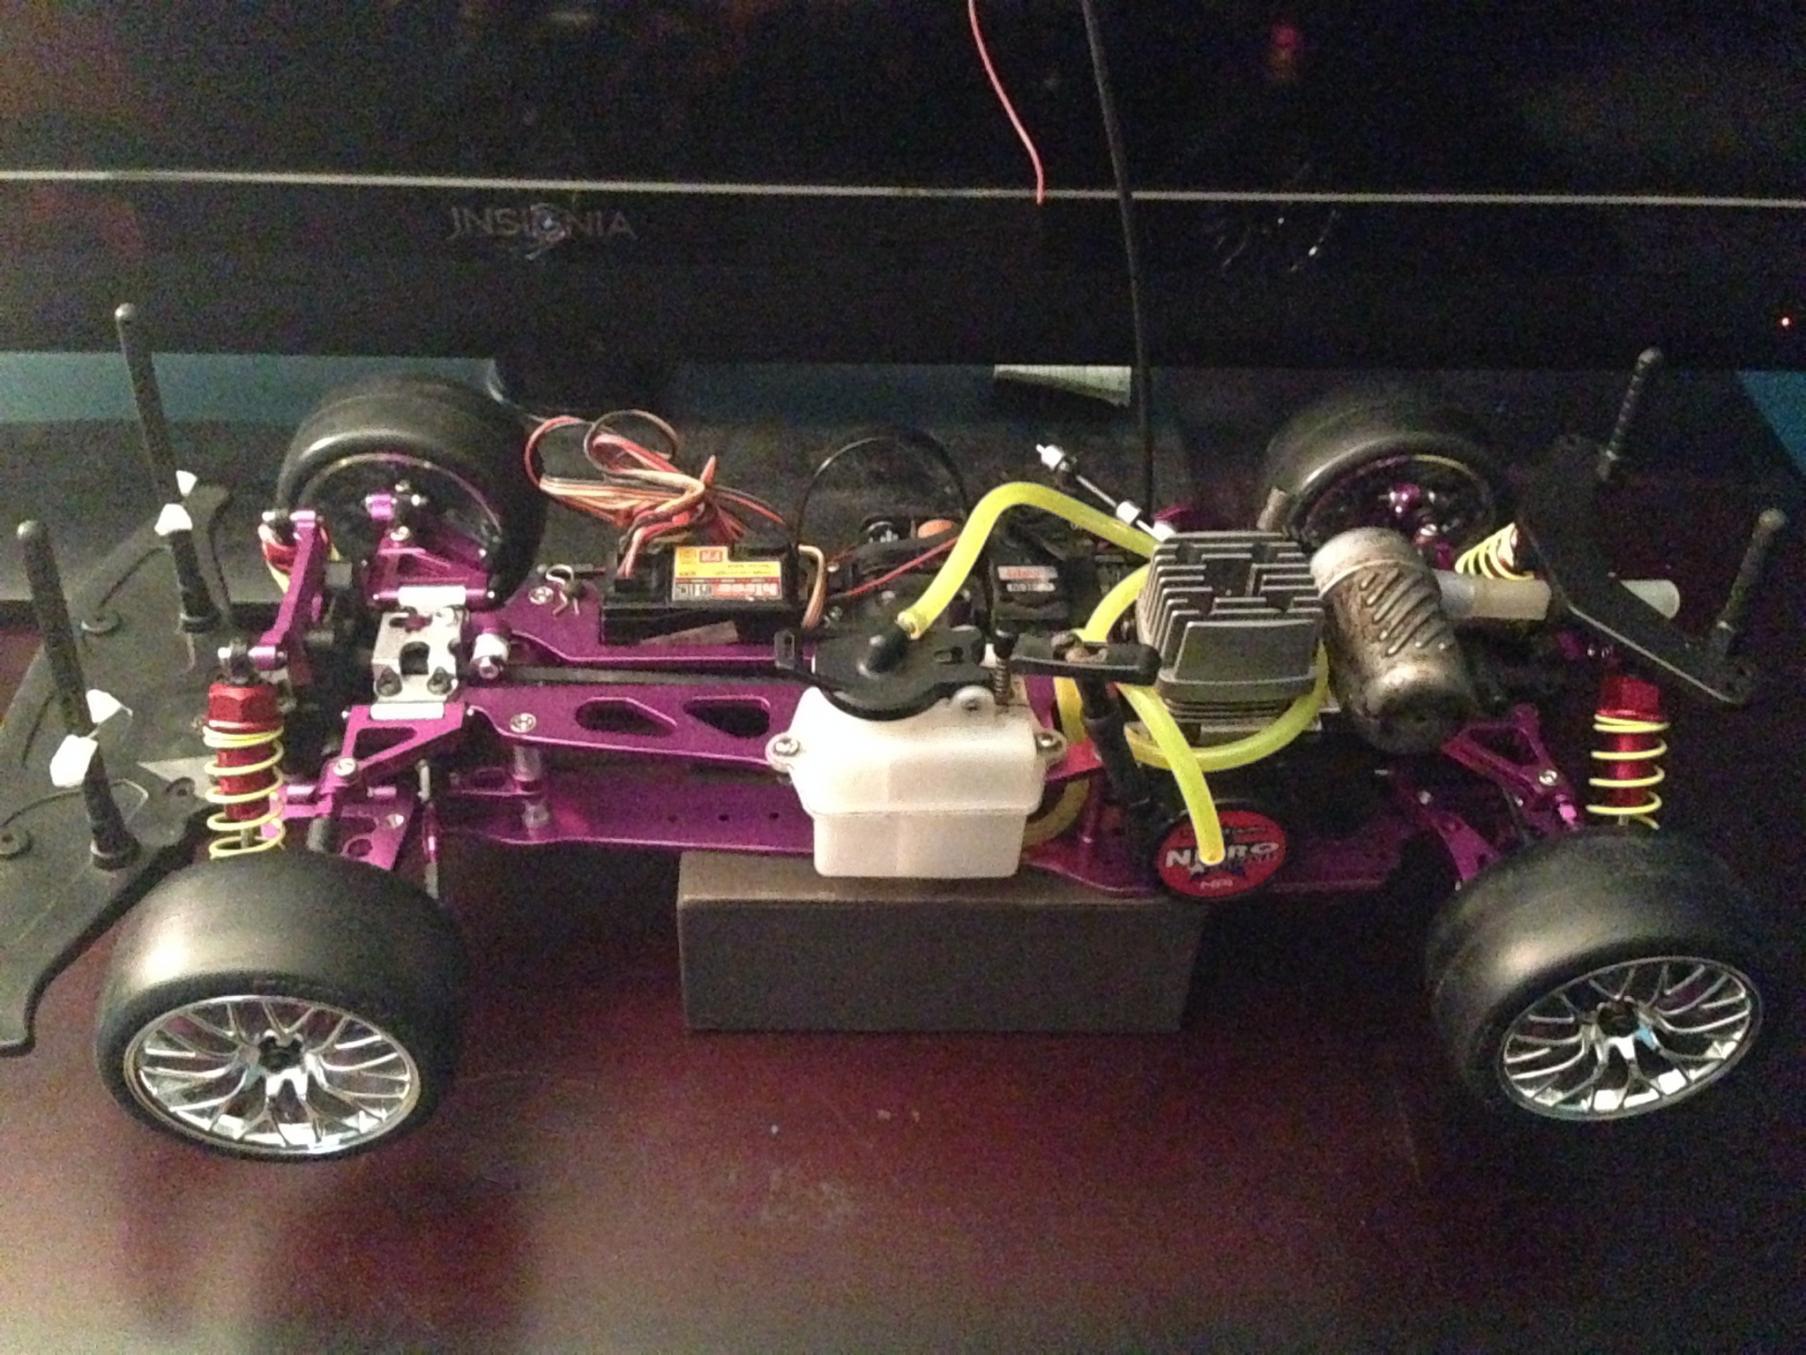 D Hpi Super Nitro Rs Project